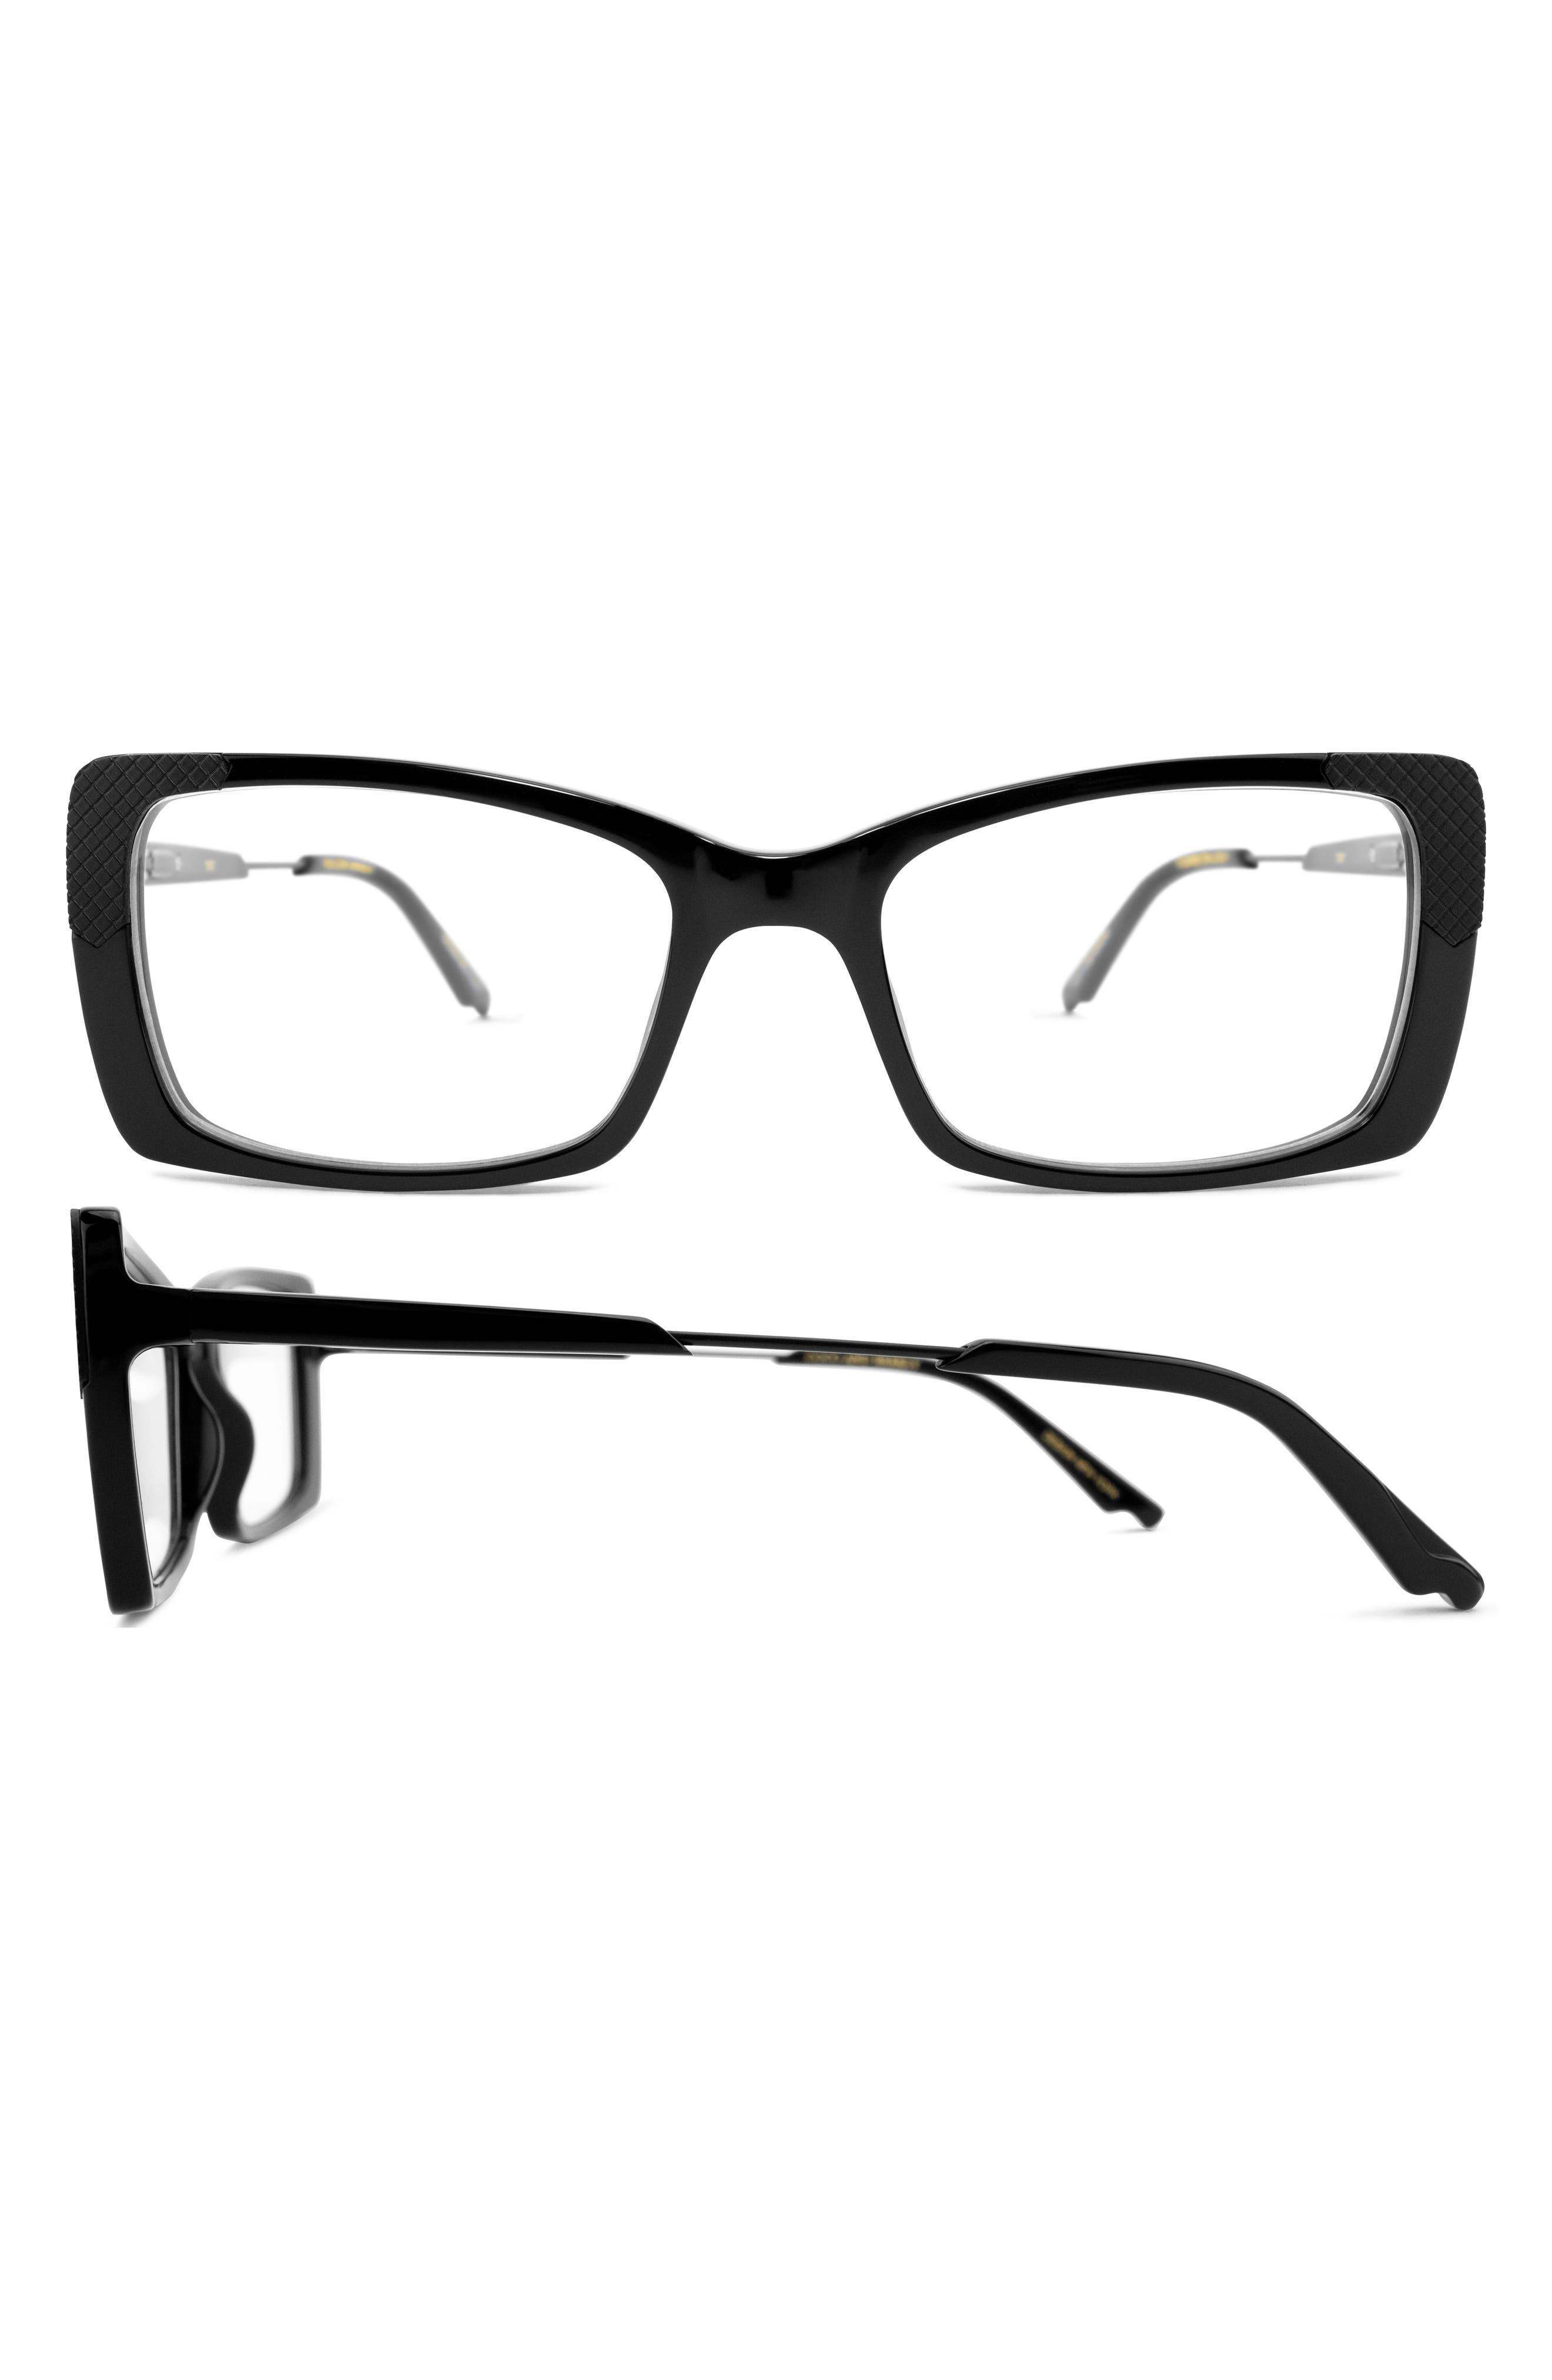 Clarity 53mm Rectangular Blue Light Filtering Glasses